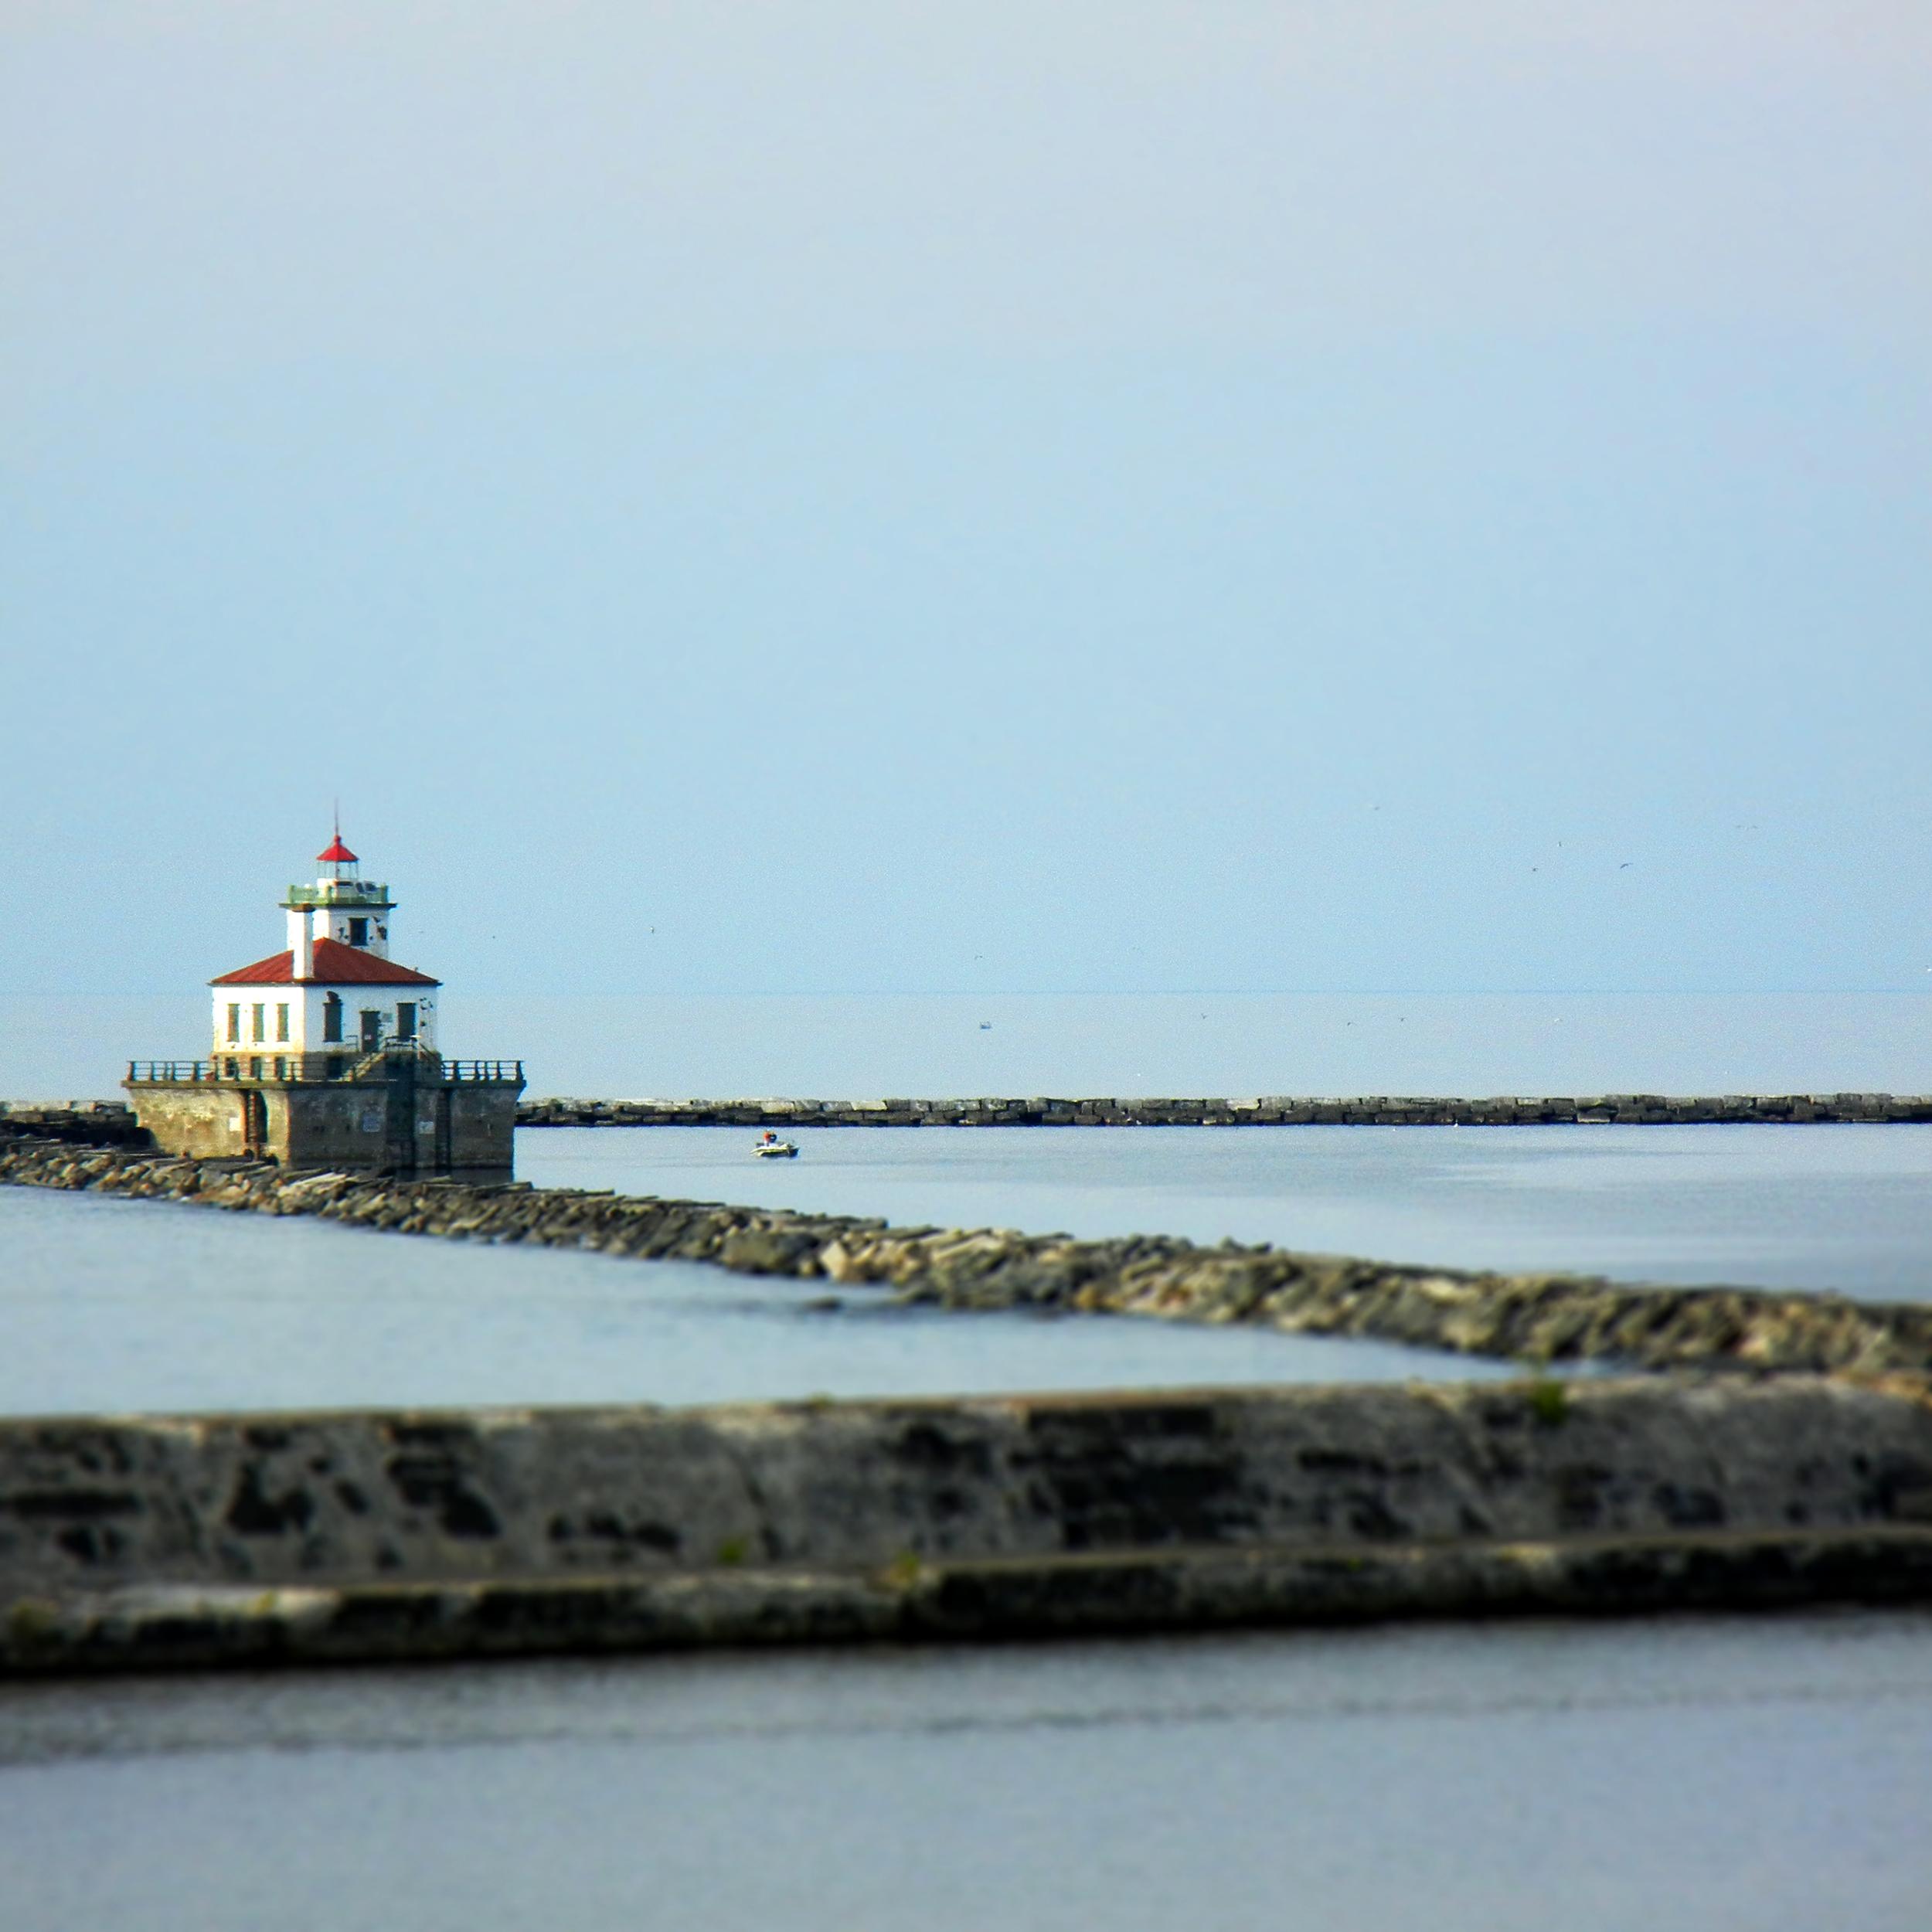 Lake_ontario_lighthouse.jpg